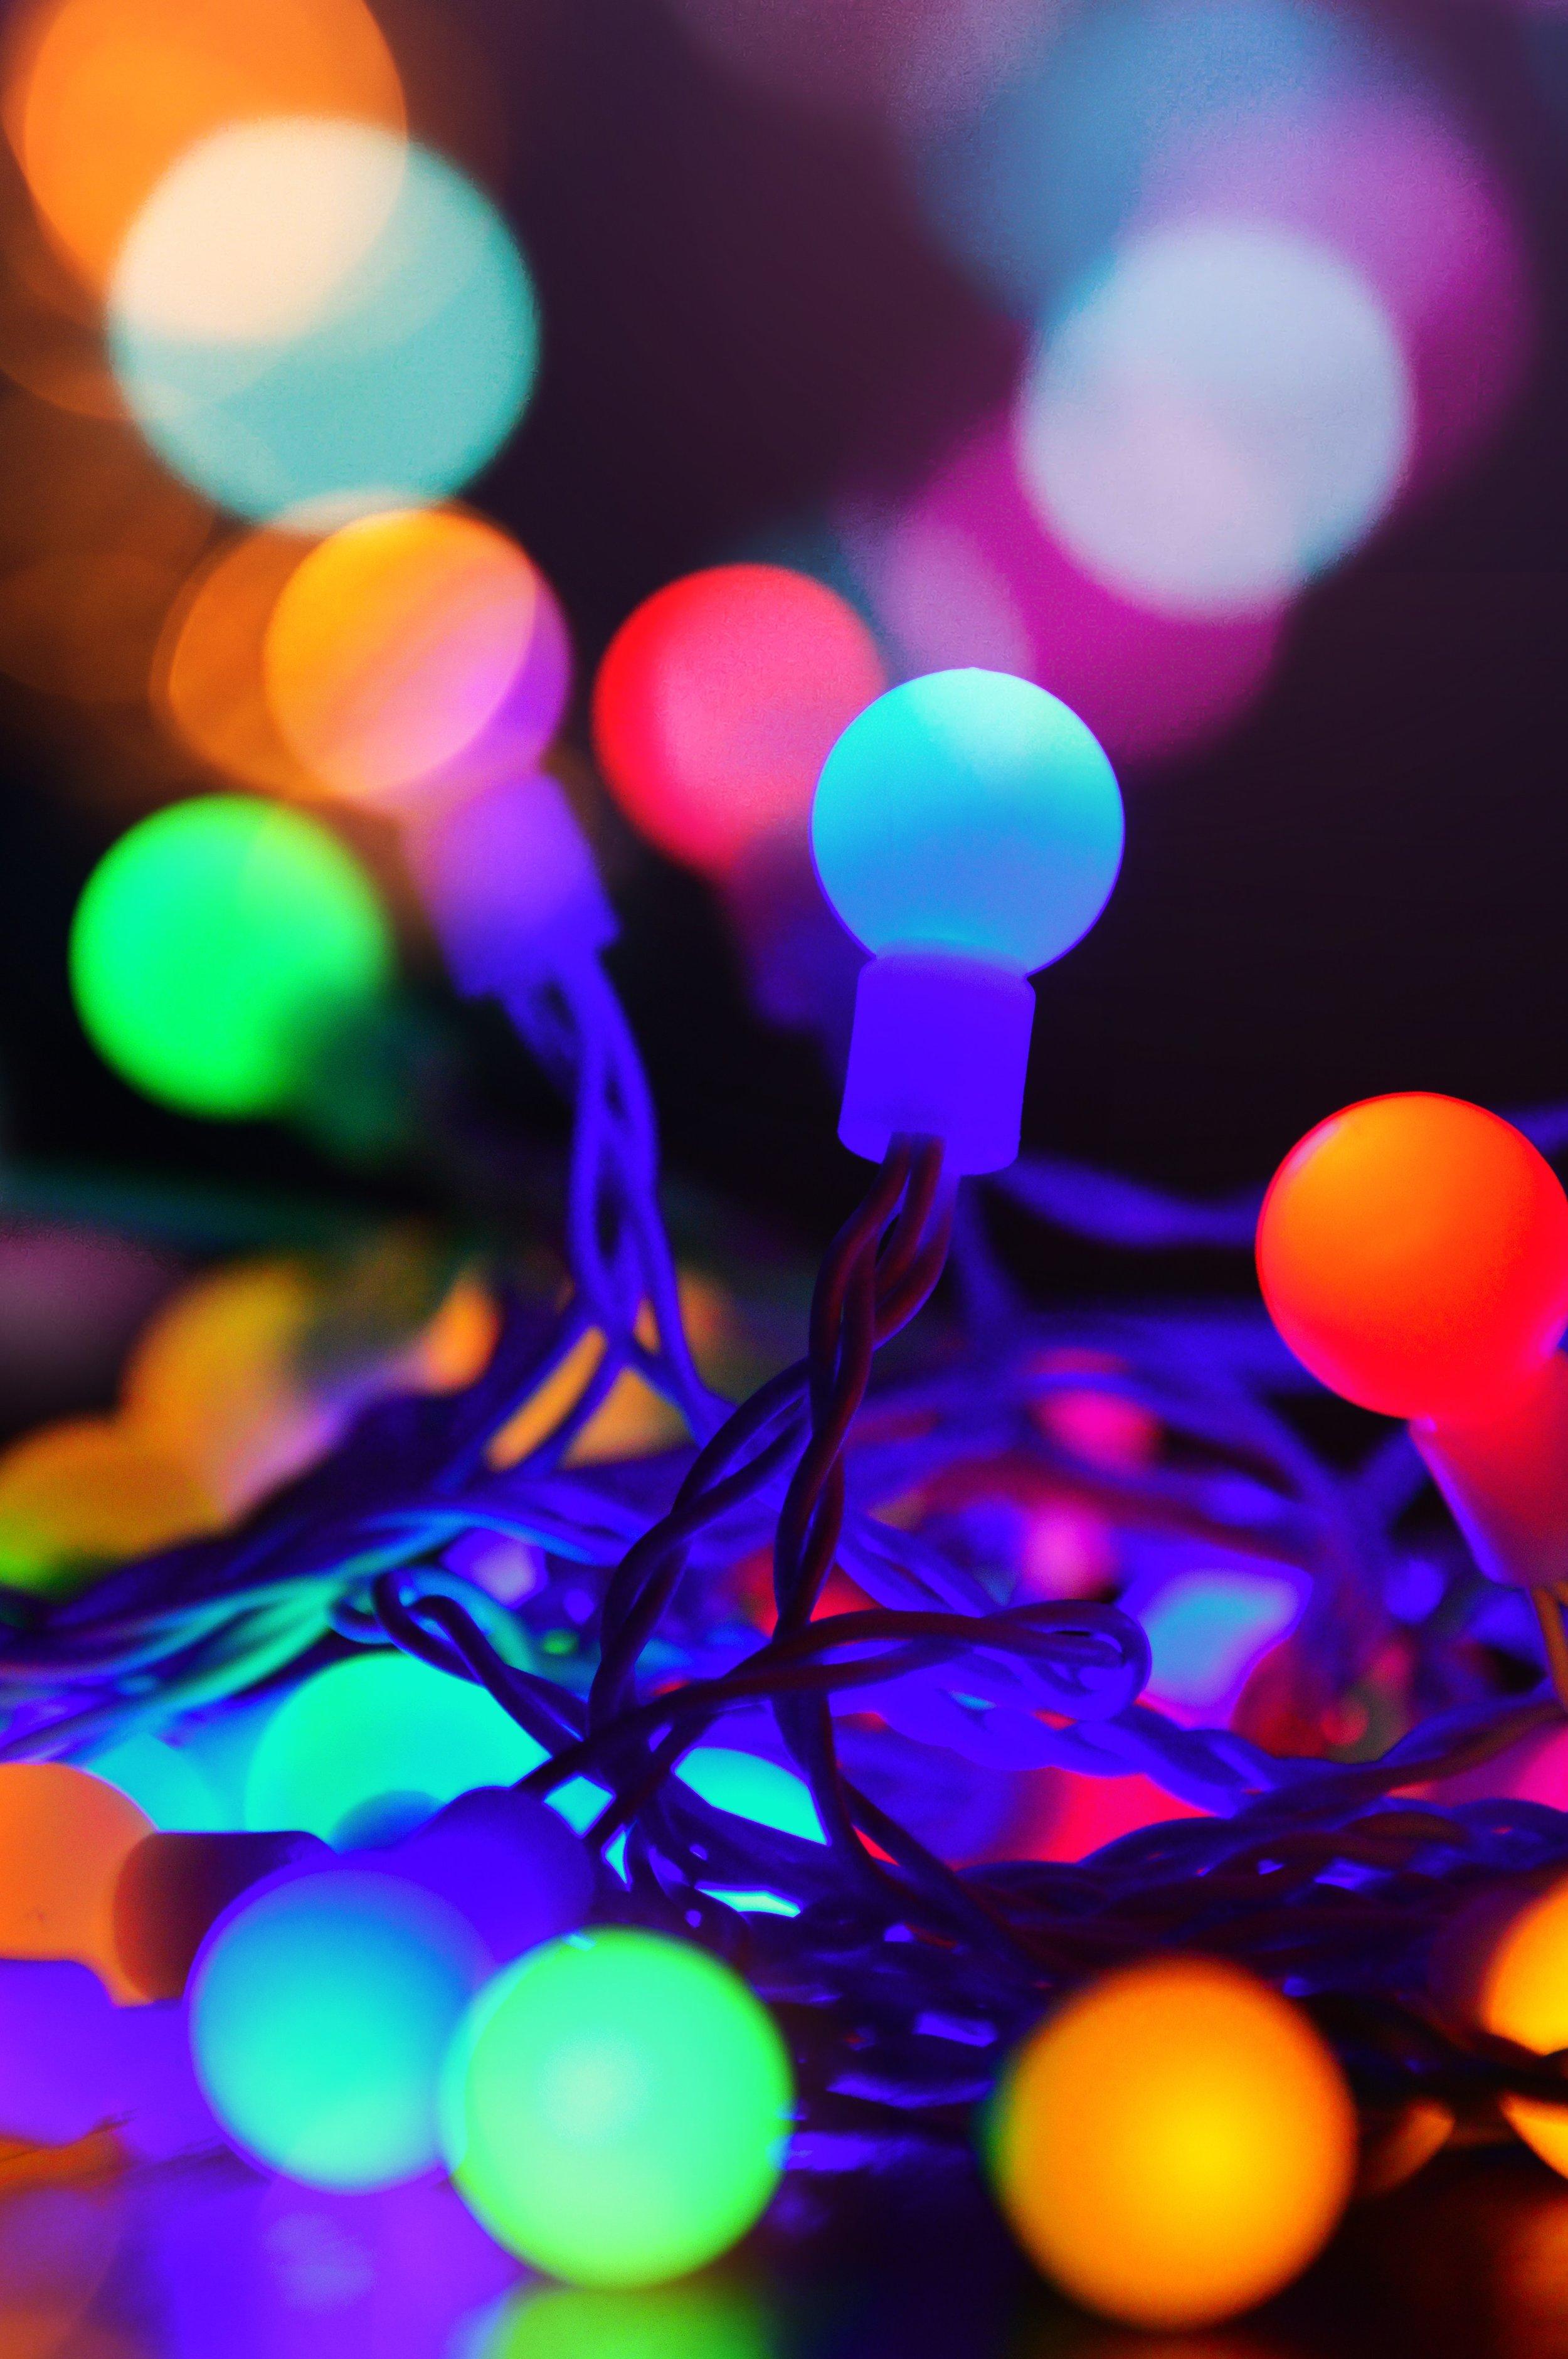 background-blur-bright-1400136.jpg